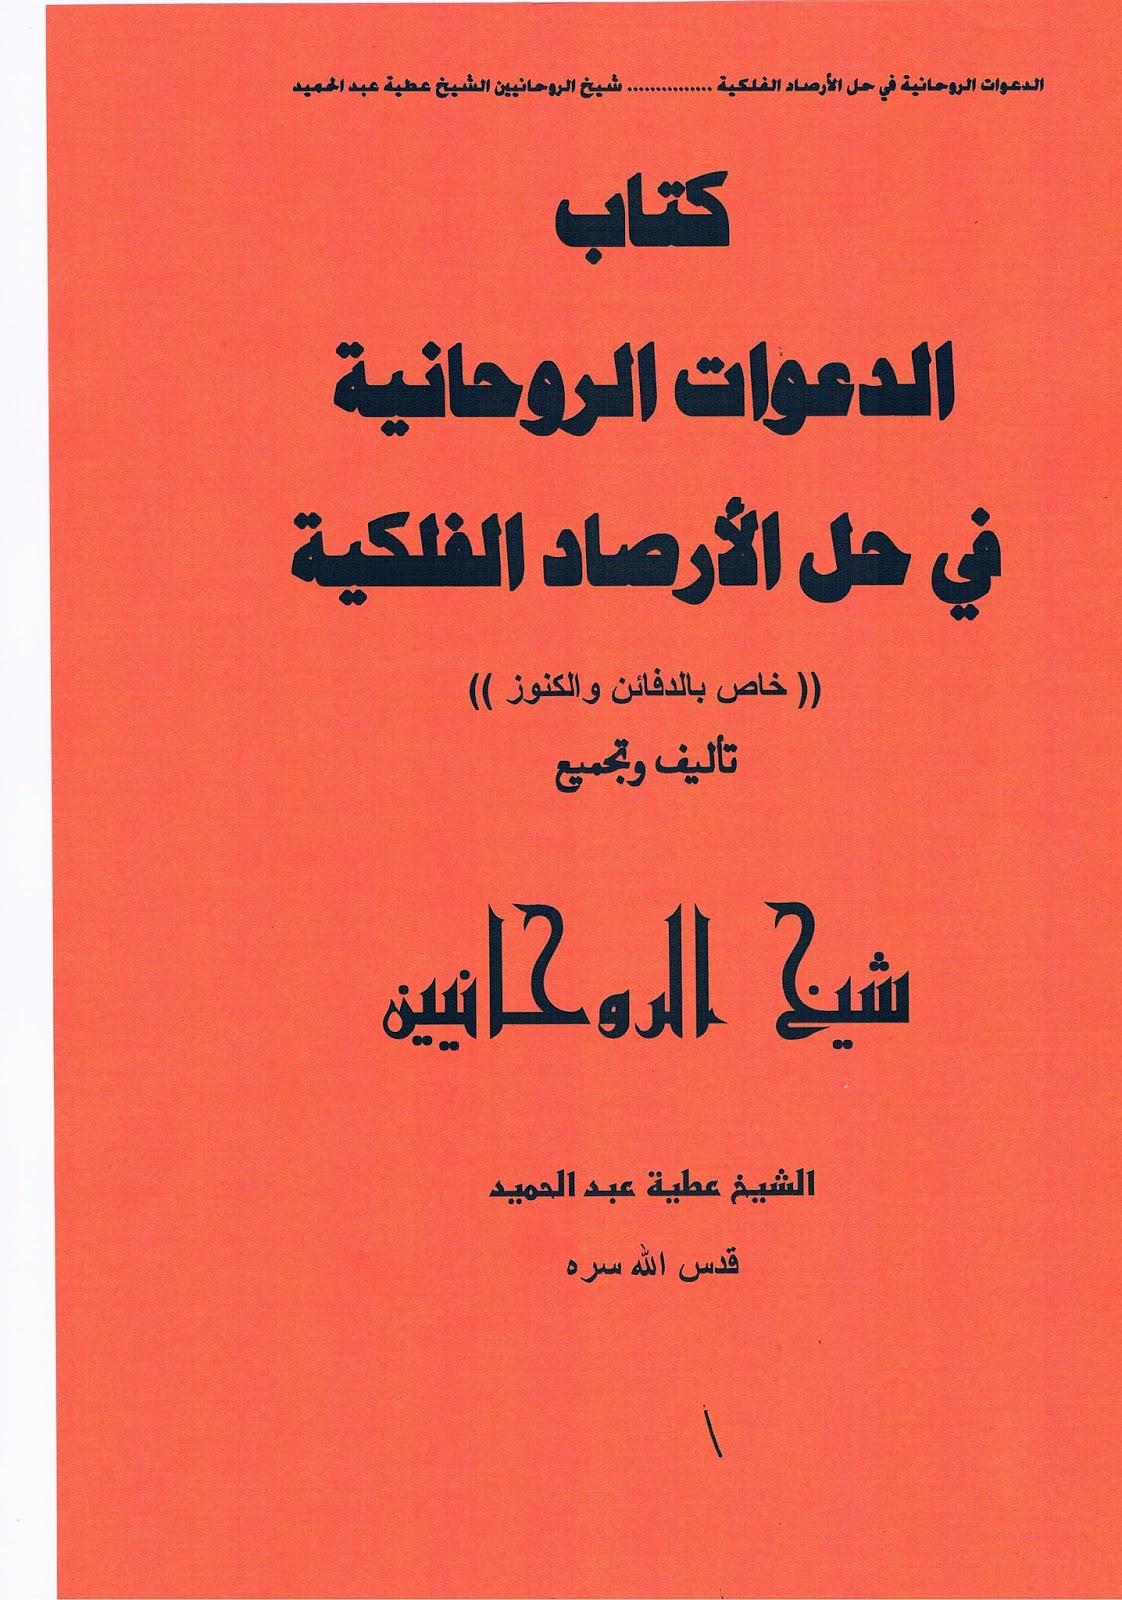 كتب الشيخ عطية عبد الحميد مجاناً